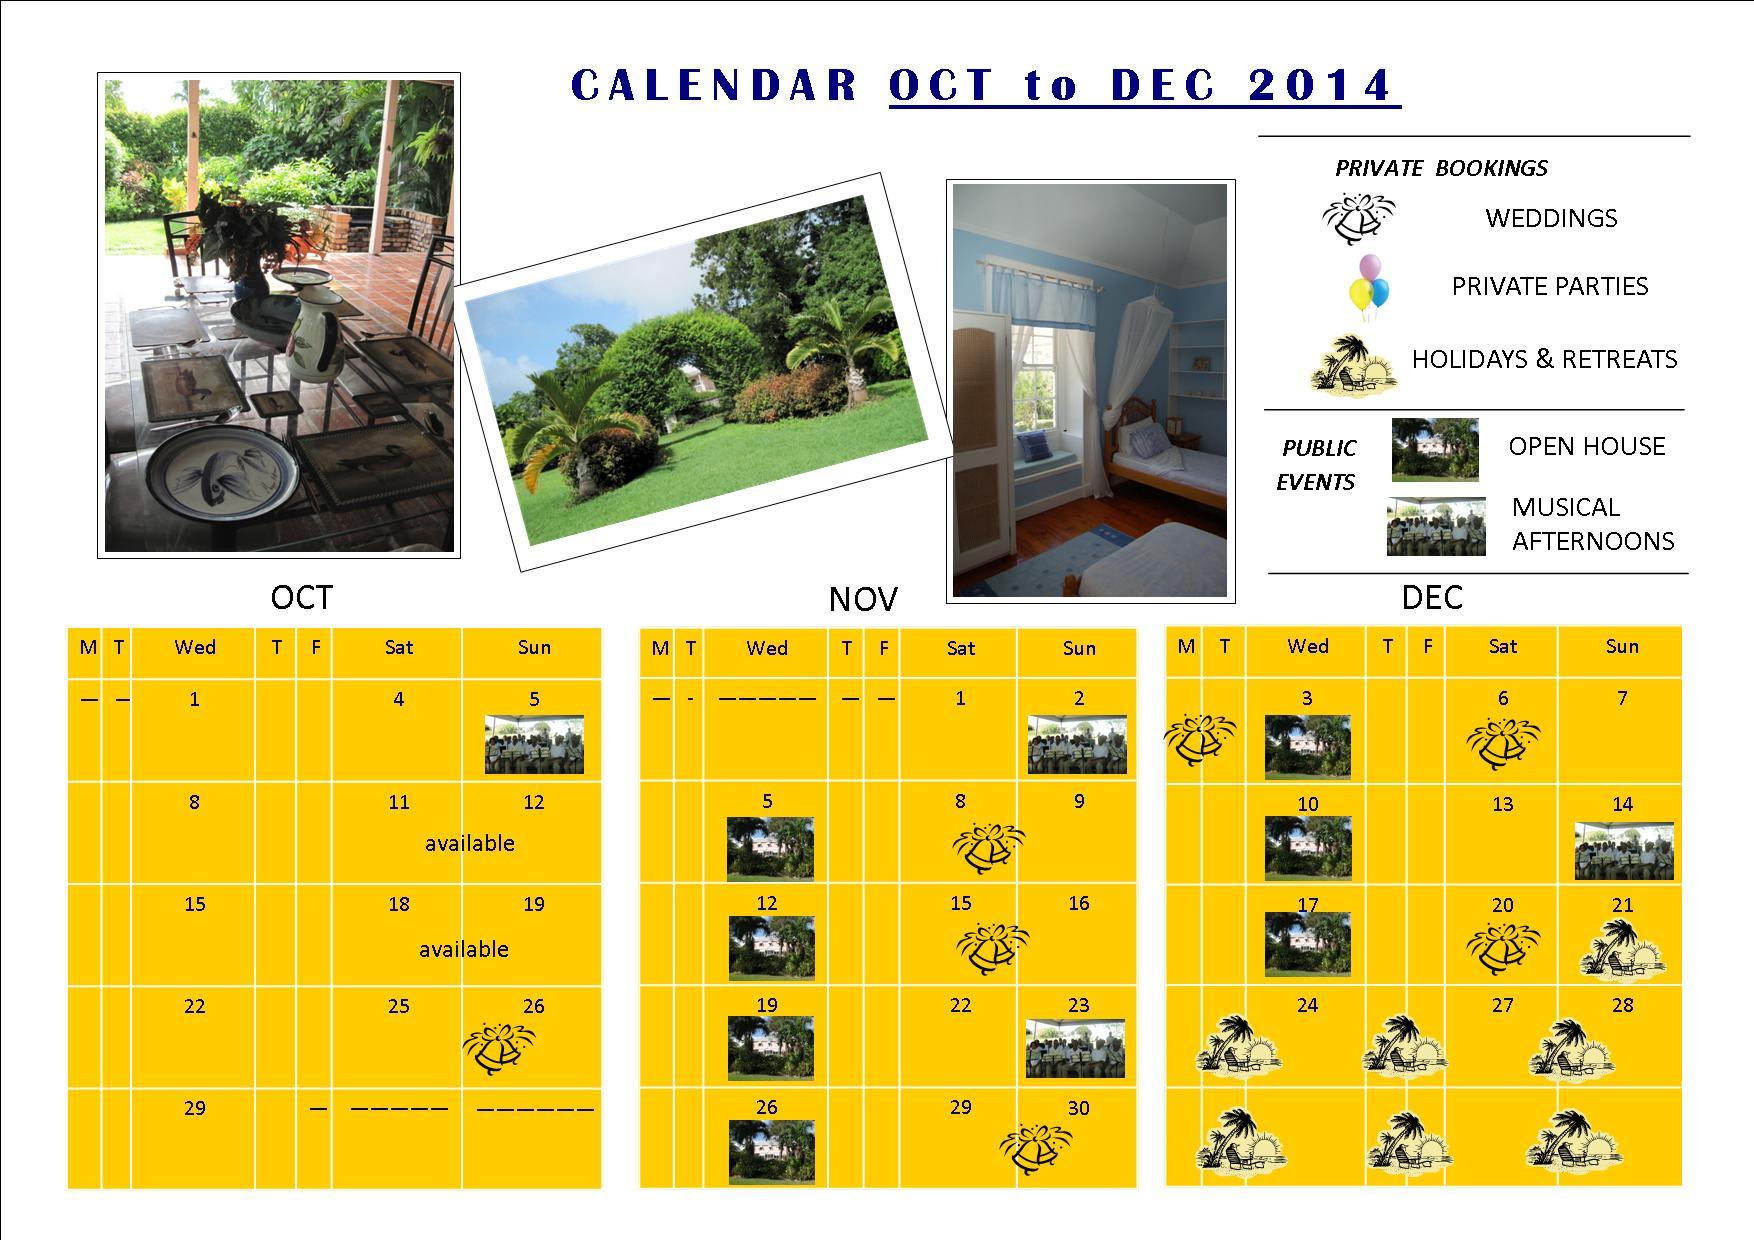 calendar 2014 oct - dec